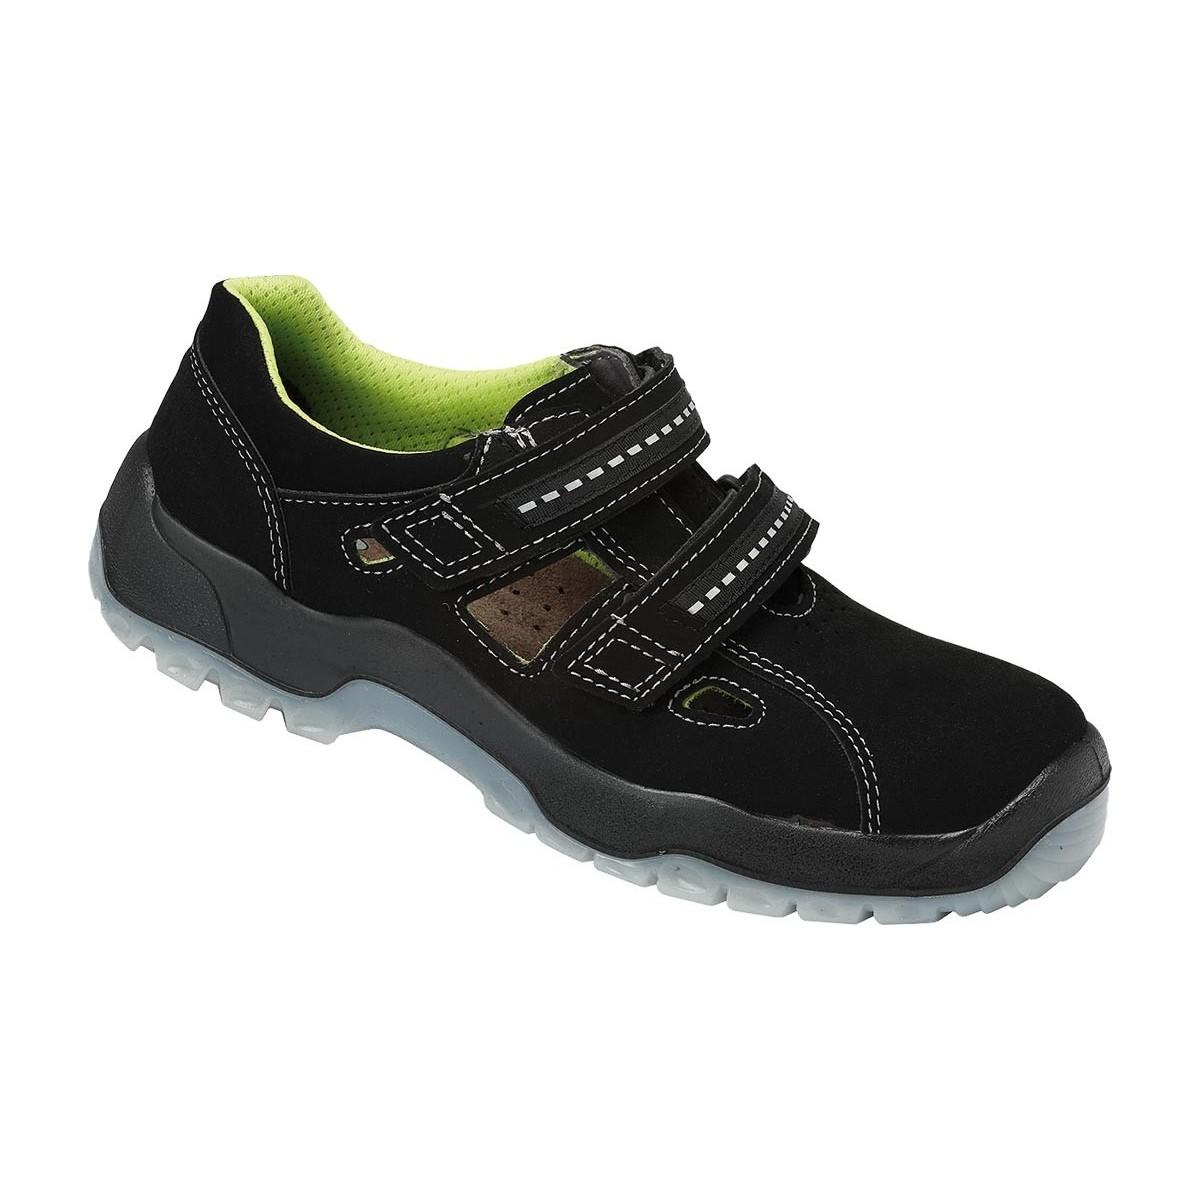 Sandały bezpieczne PPOS681 z podnoskiem r. 39 - 47